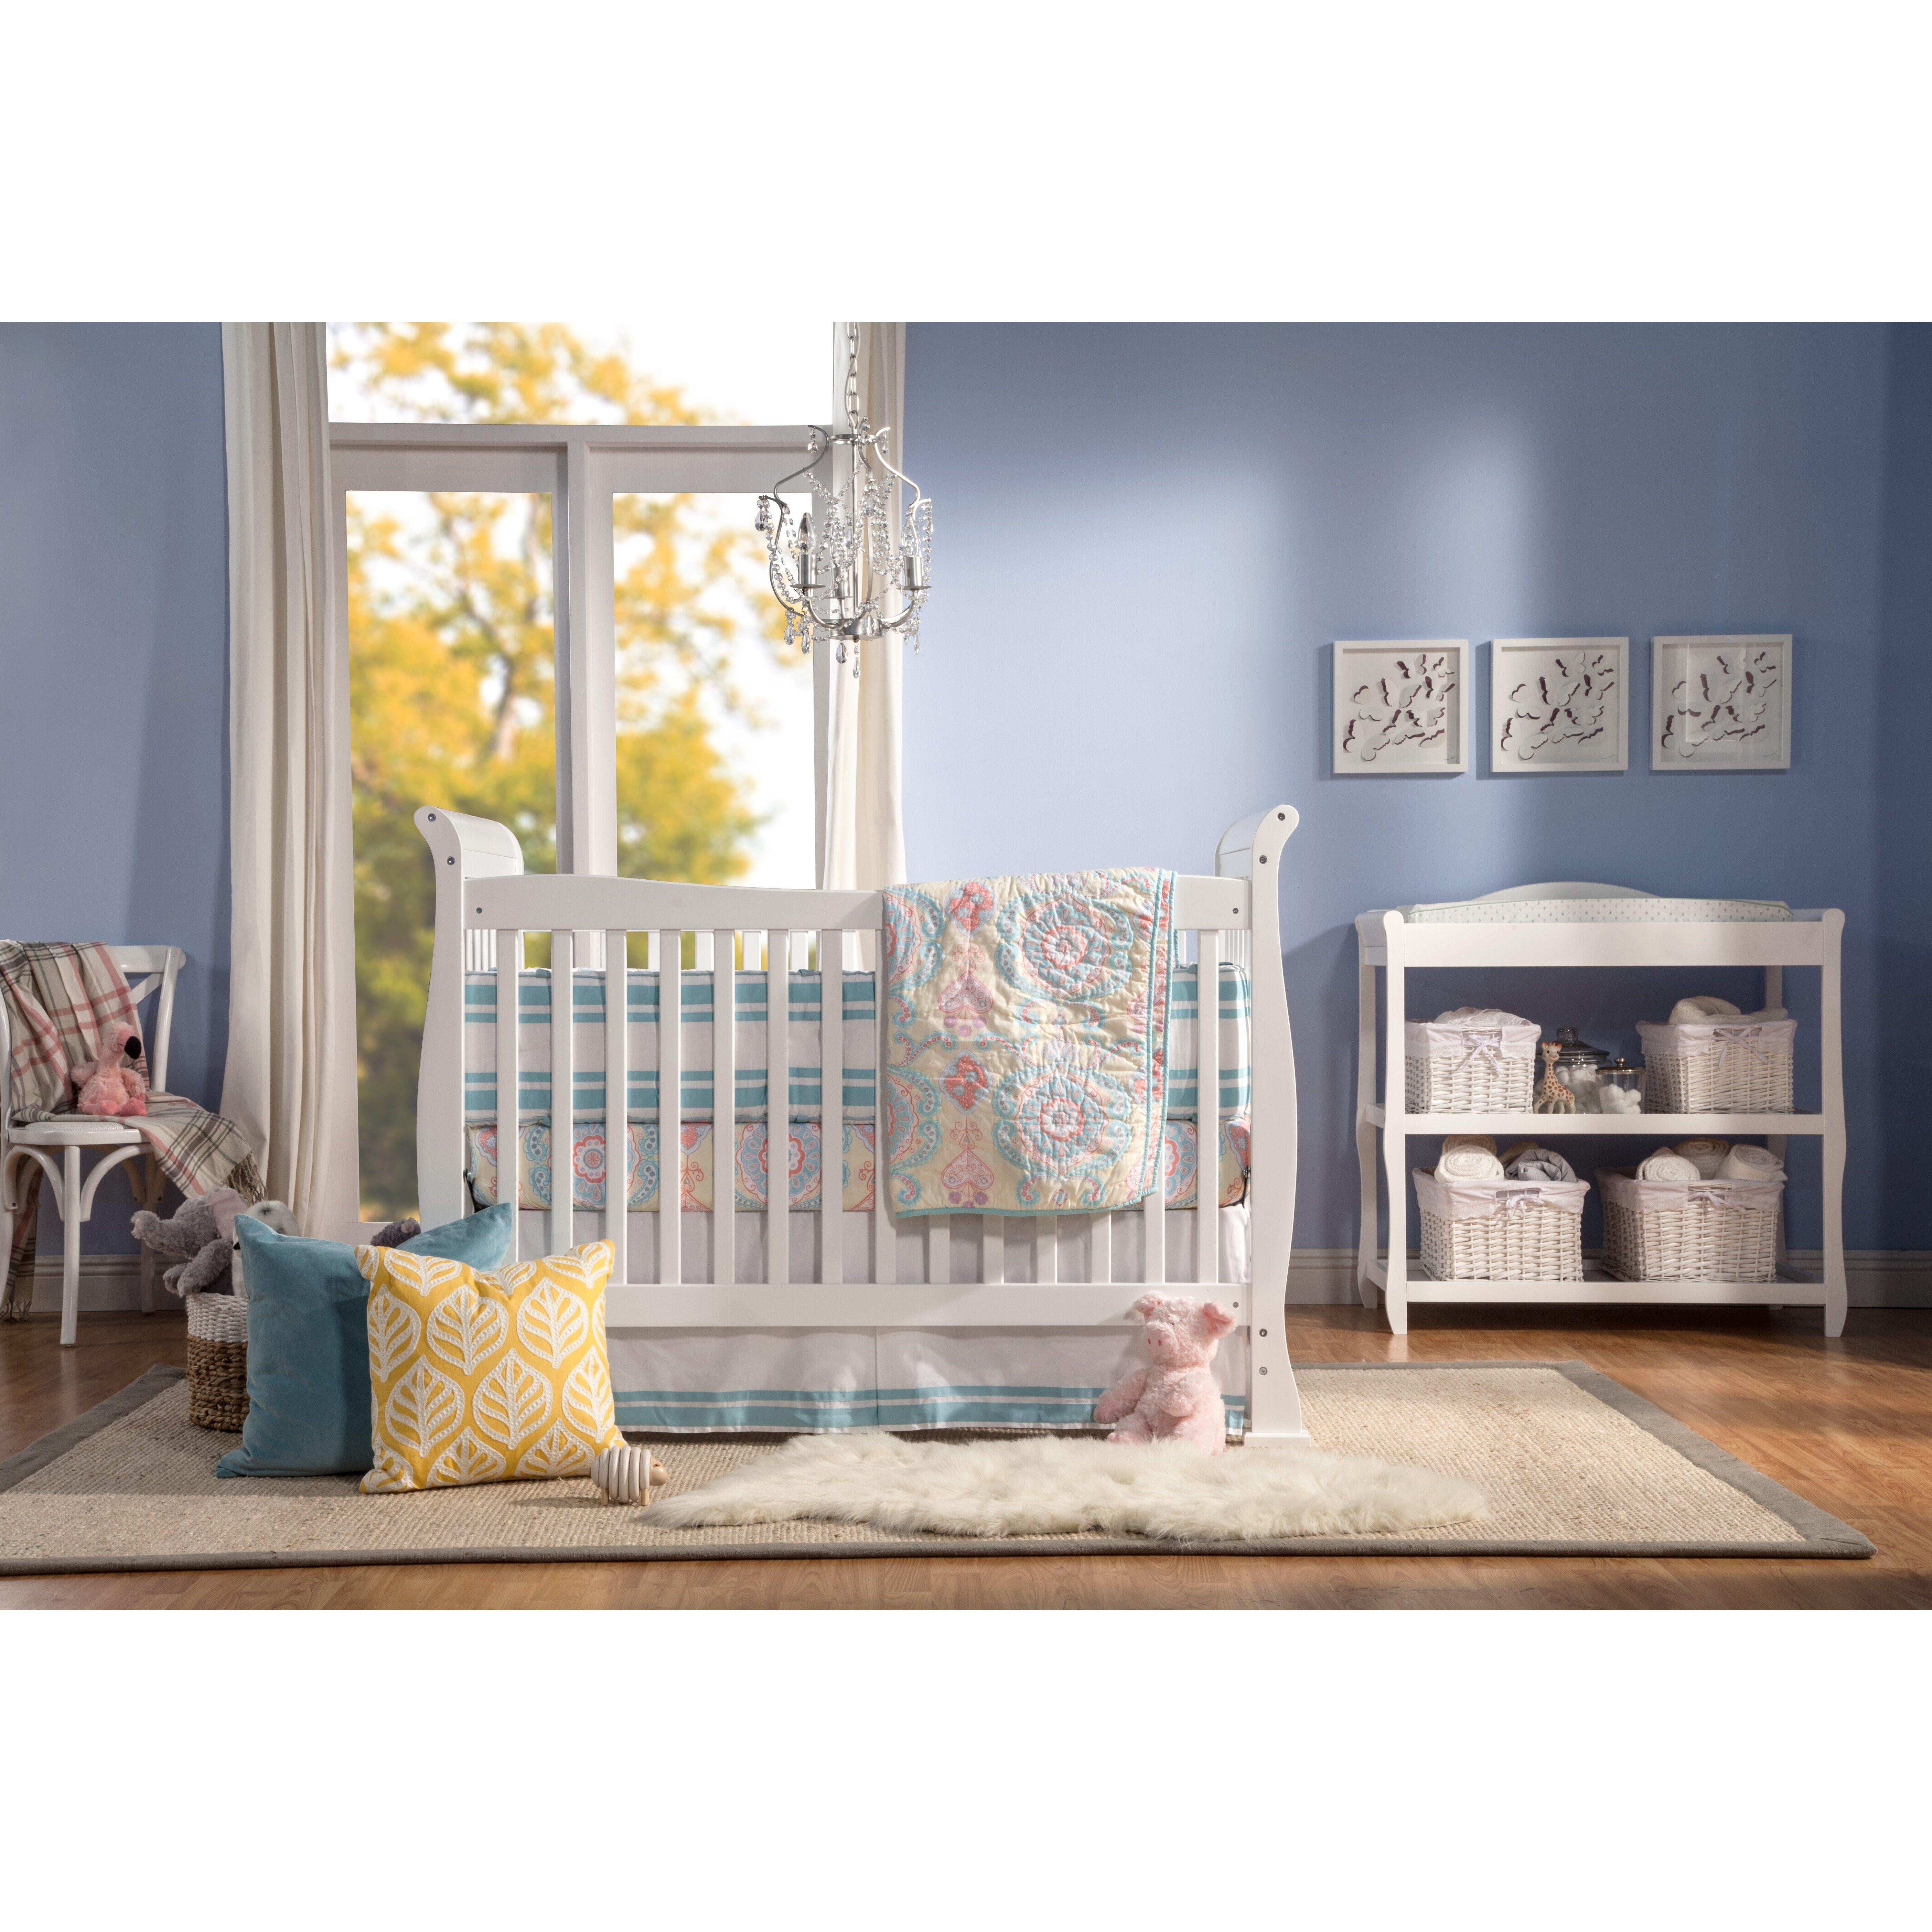 Ellery round crib for sale - Davinci Reagan 3 In 1 Convertible Crib